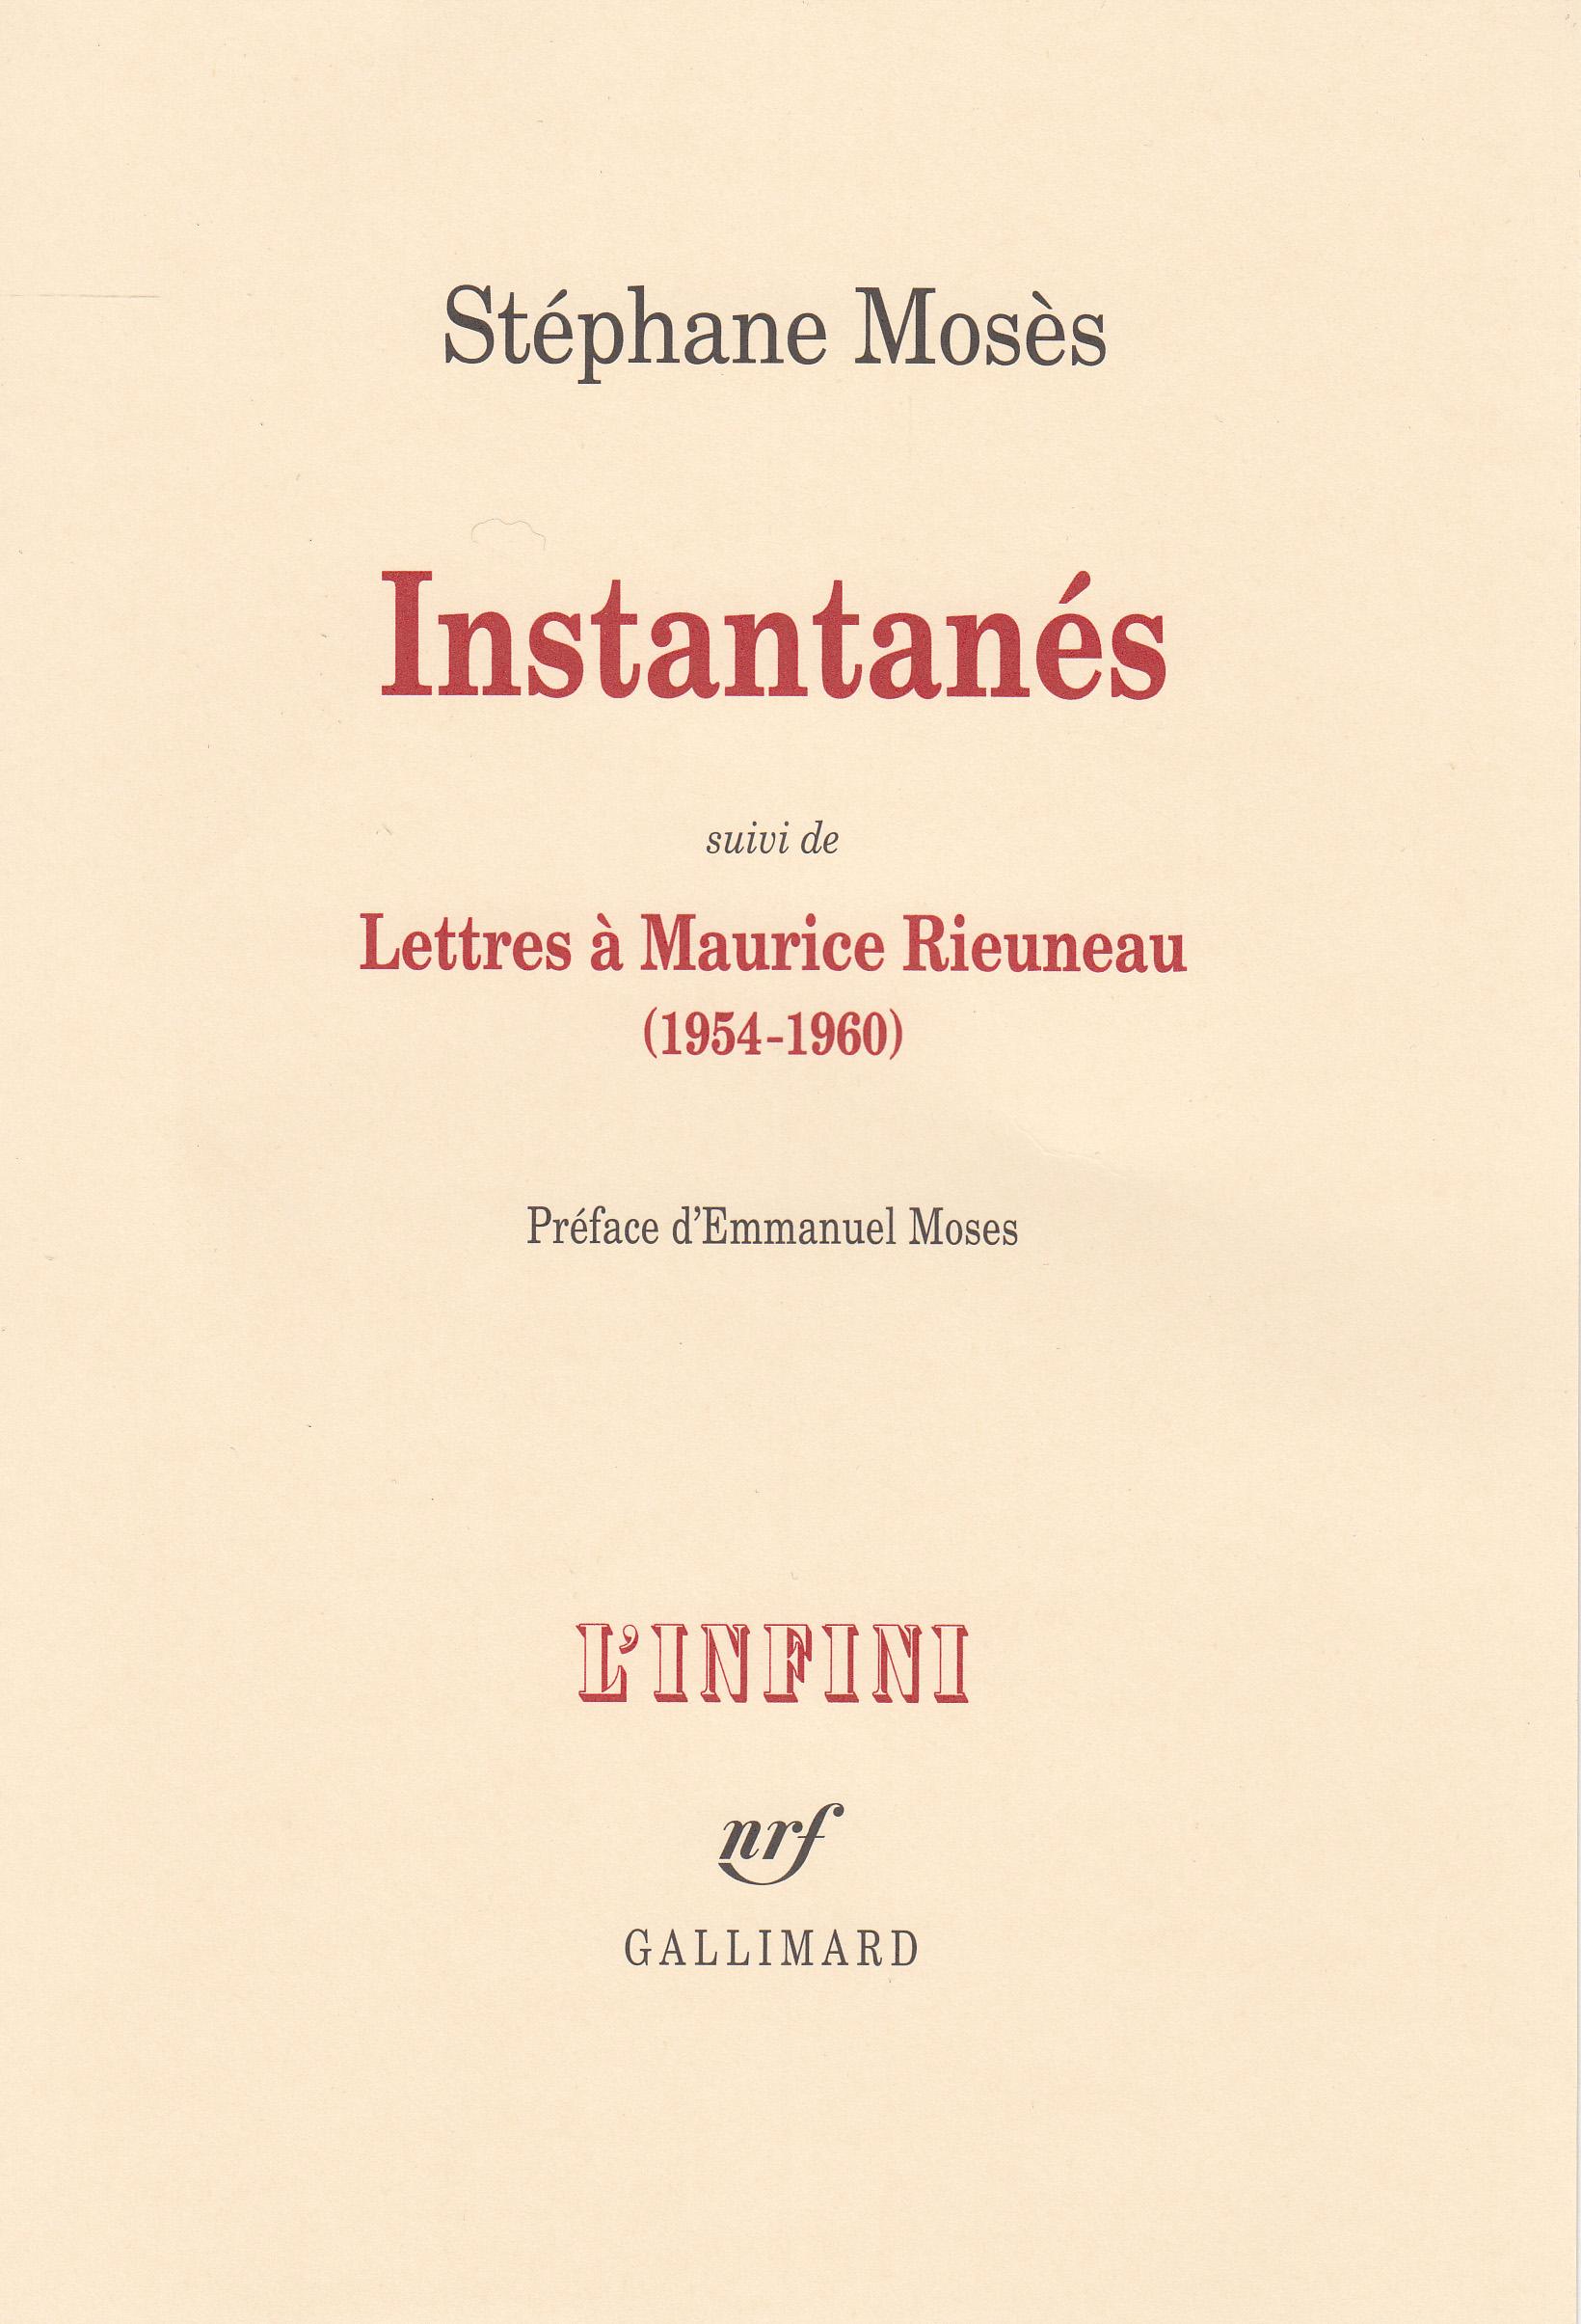 Instantanés/Lettres à Maurice Rieuneau (1954-1960)